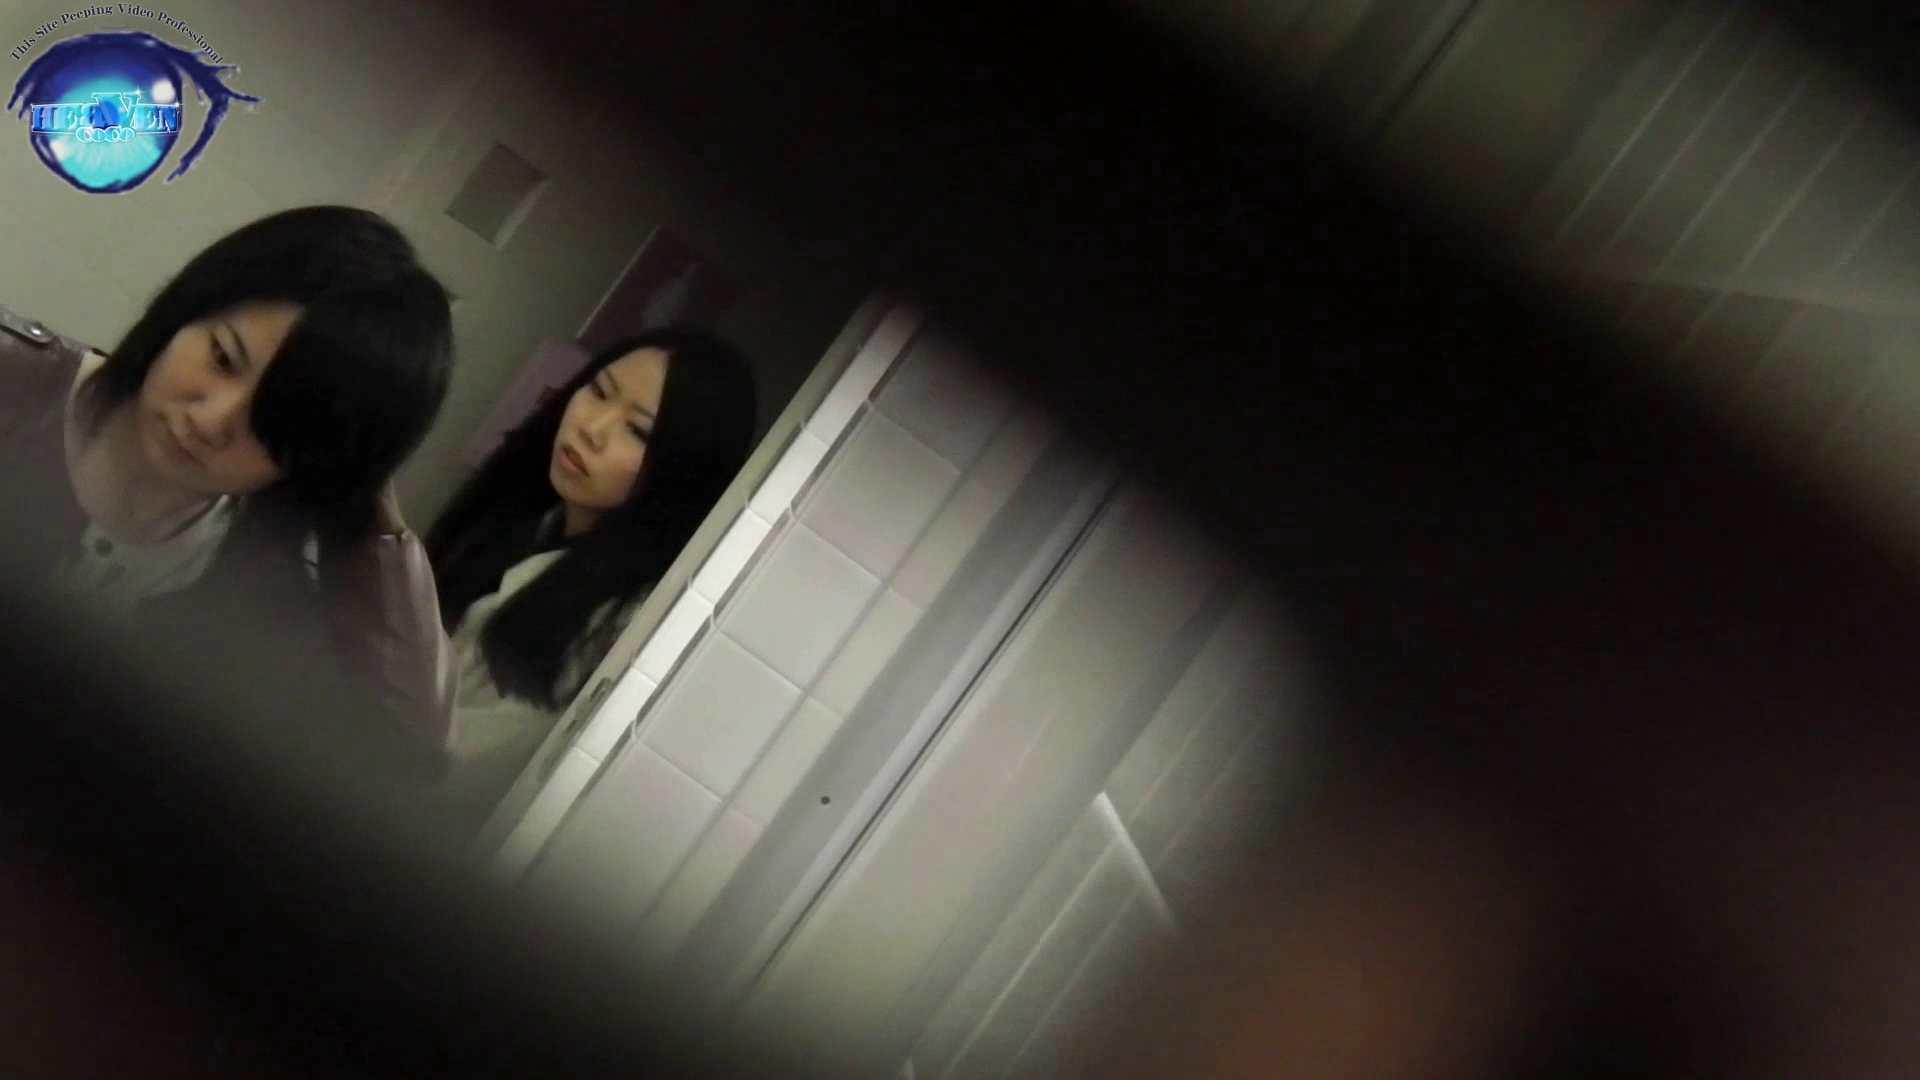 お銀さん vol.59 ピンチ!!「鏡の前で祈る女性」にばれる危機 前編 おまんこ見放題  83PIX 34